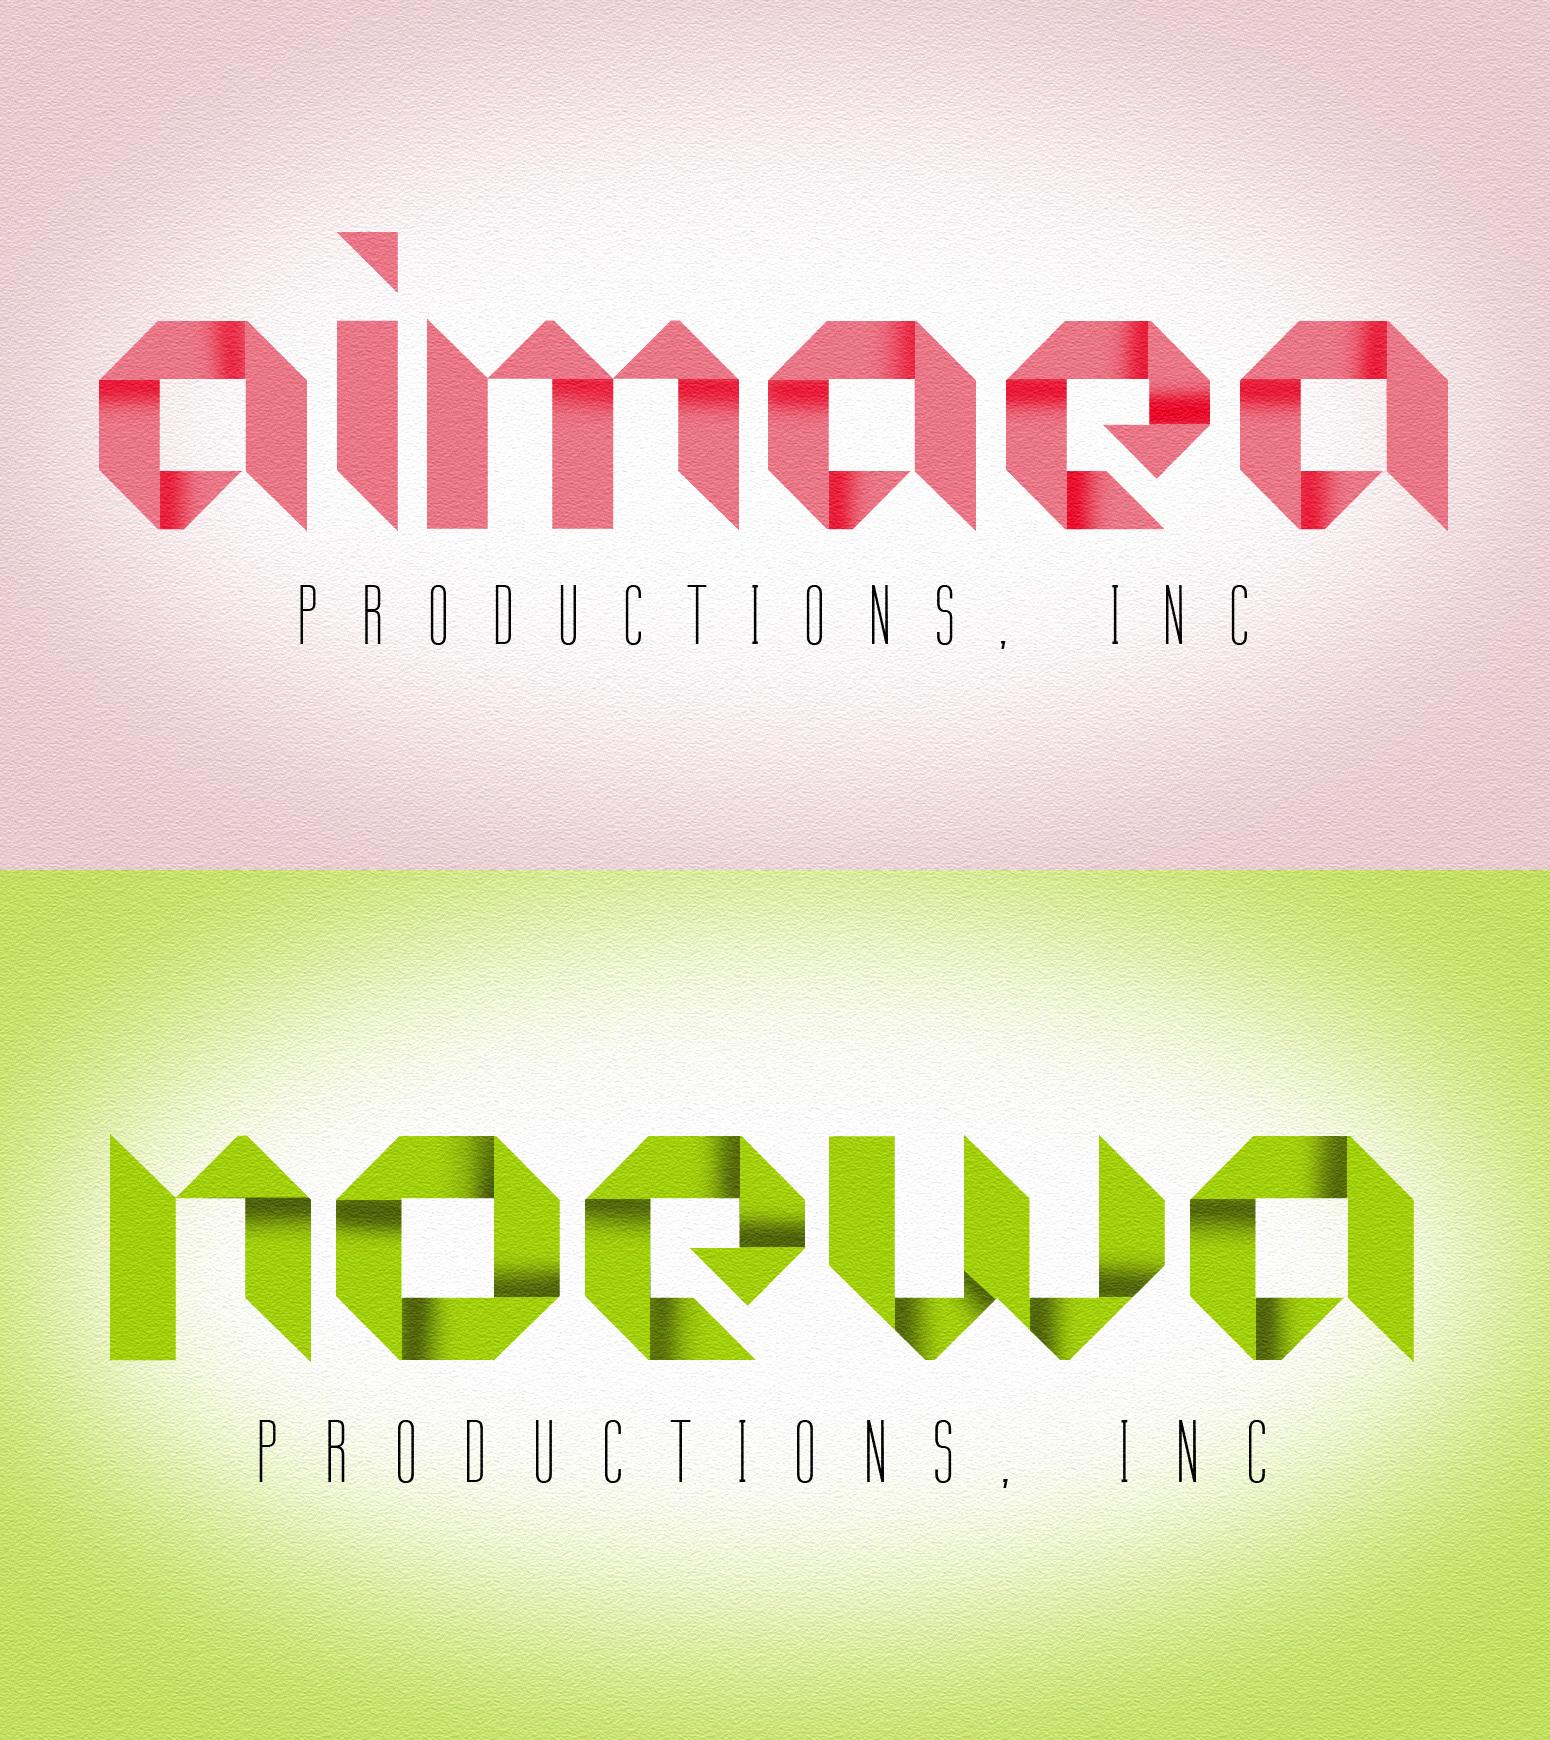 AIMAEA-NOEWA-Origami-Logo-Experiment